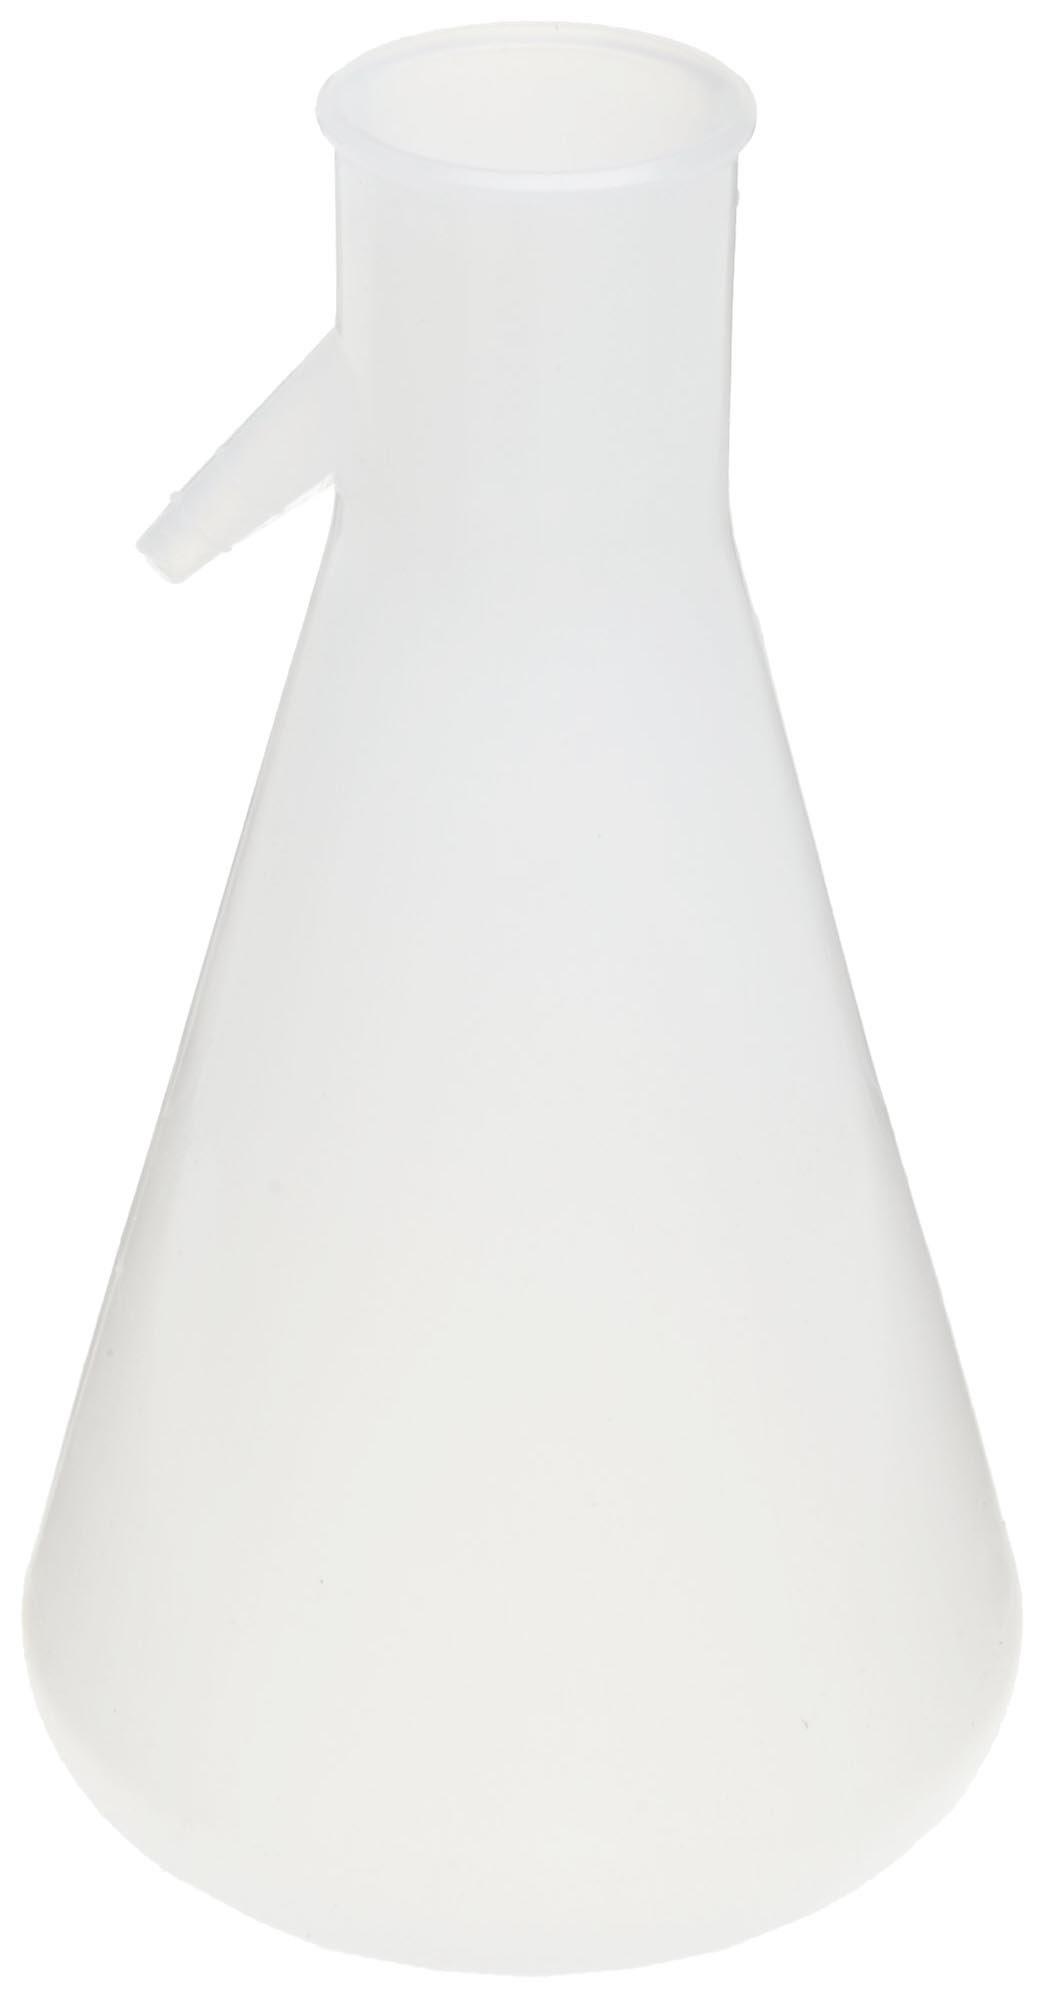 Nalgene DS4101-0500 Polypropylene 500mL Filtering Flask with Angled Tubulation by Nalgene (Image #1)